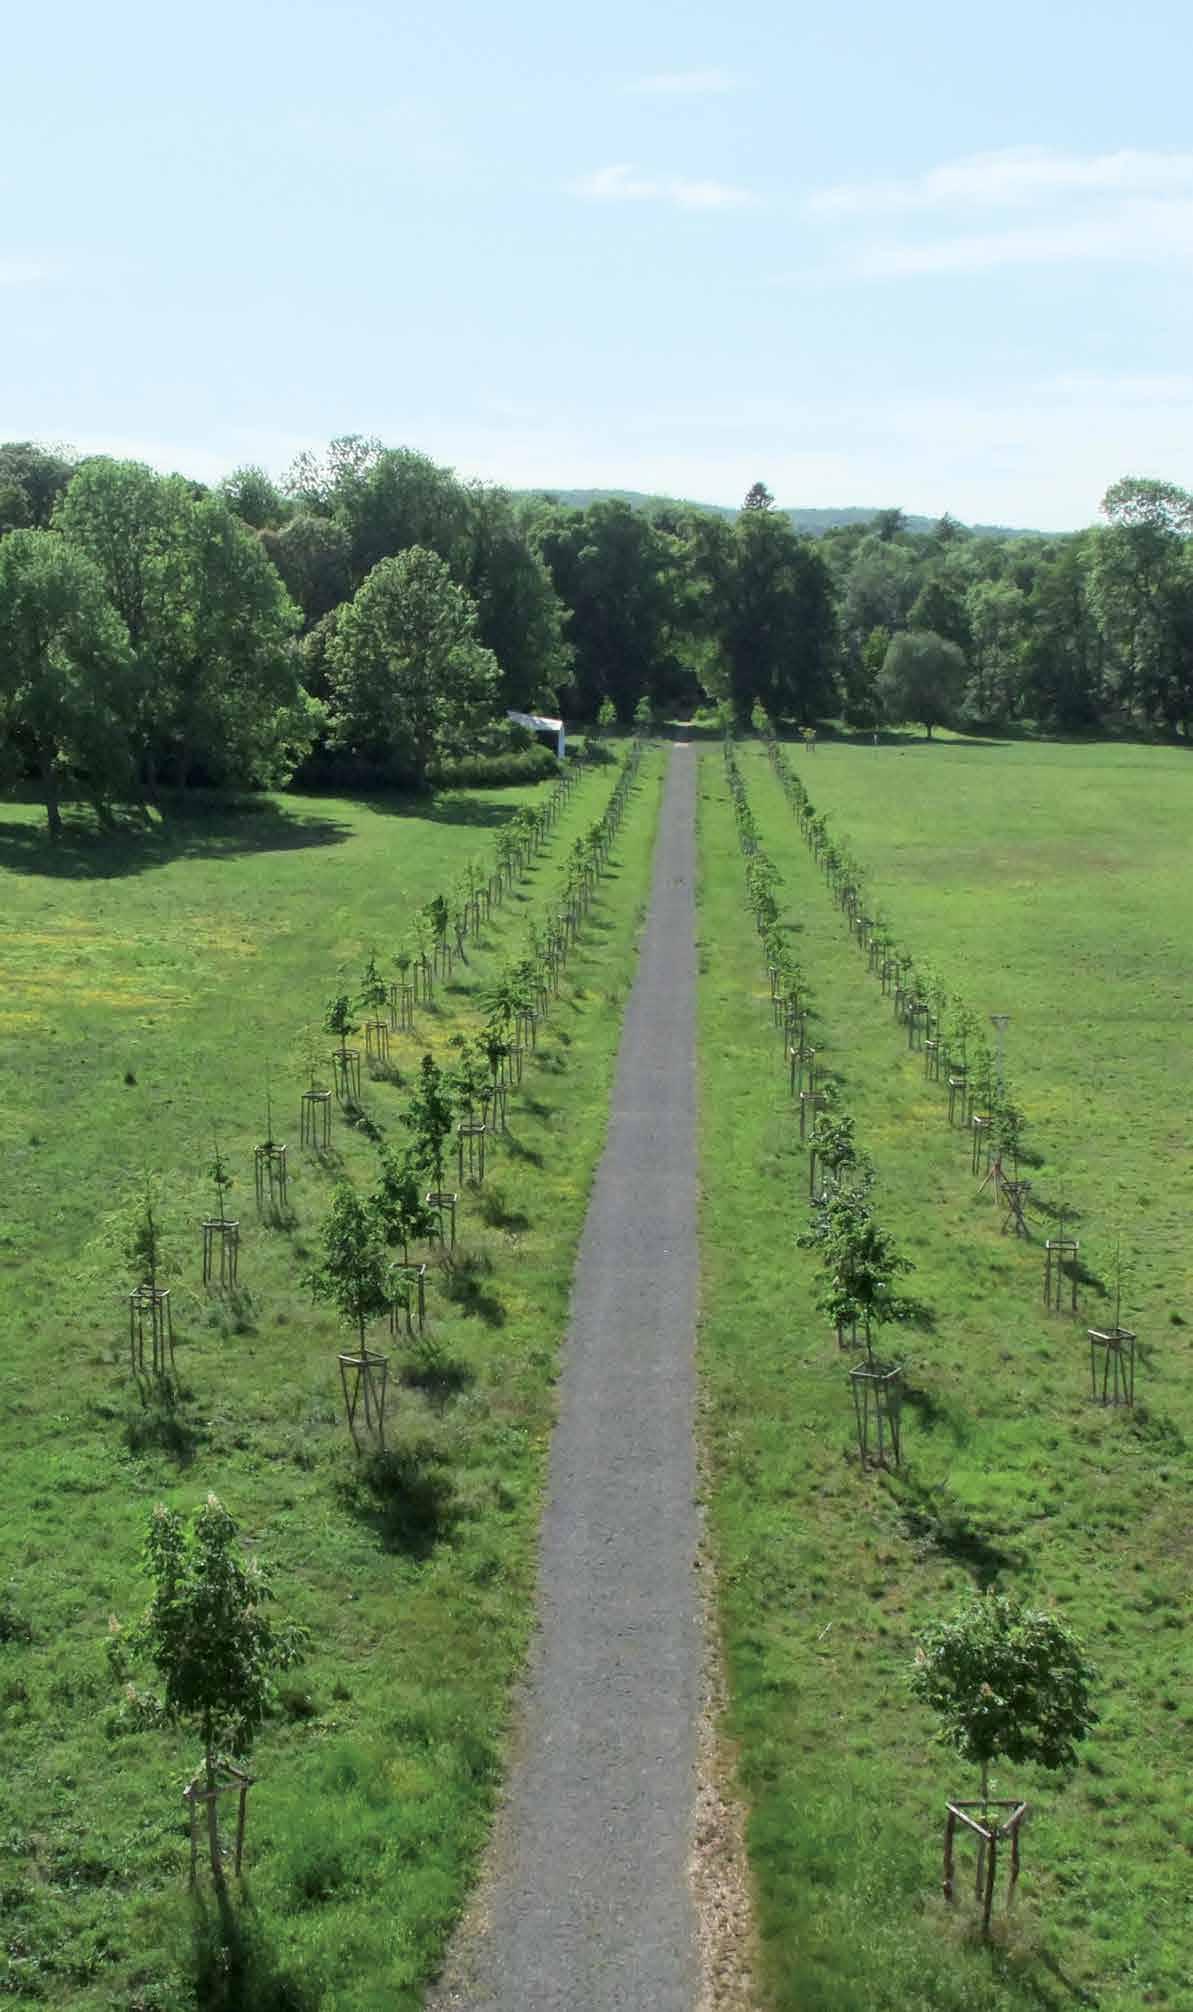 Die nachgepflanzte vierreihige Lindenallee. Aufnahme vom Neuen Schloss aus dem Jahr 2012